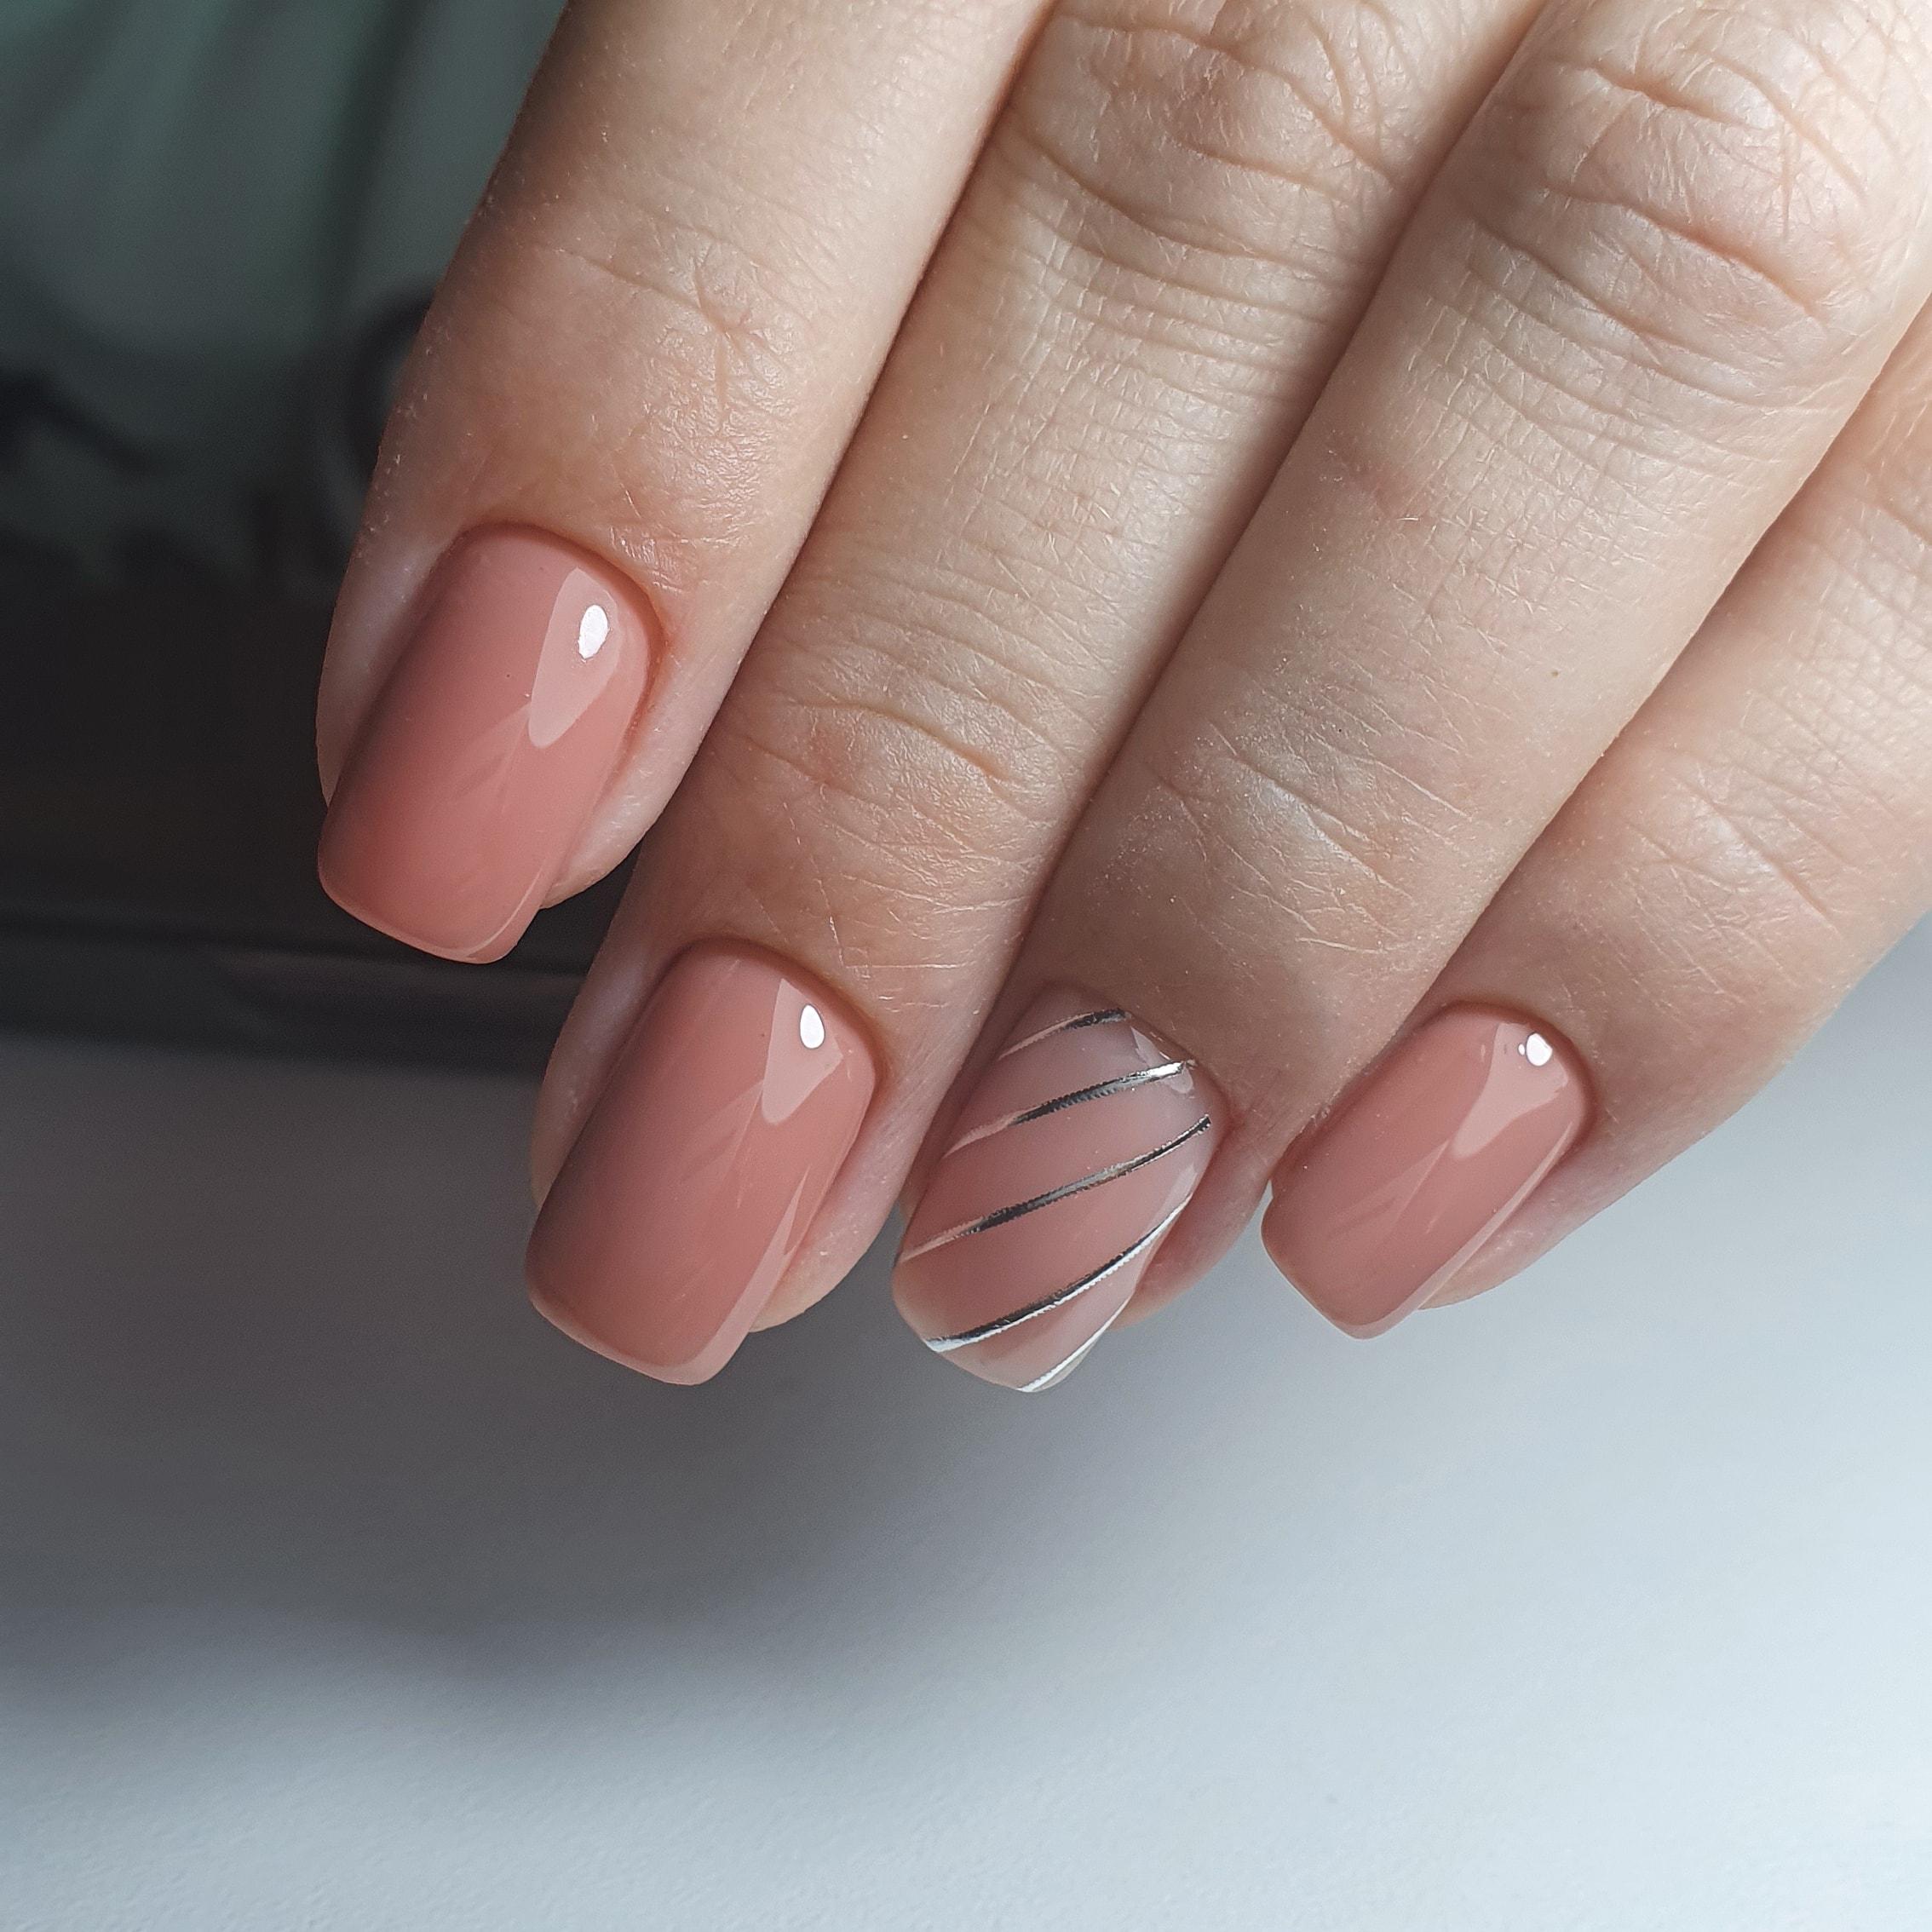 Маникюр с серебряными полосками в пастельных тонах на короткие ногти.